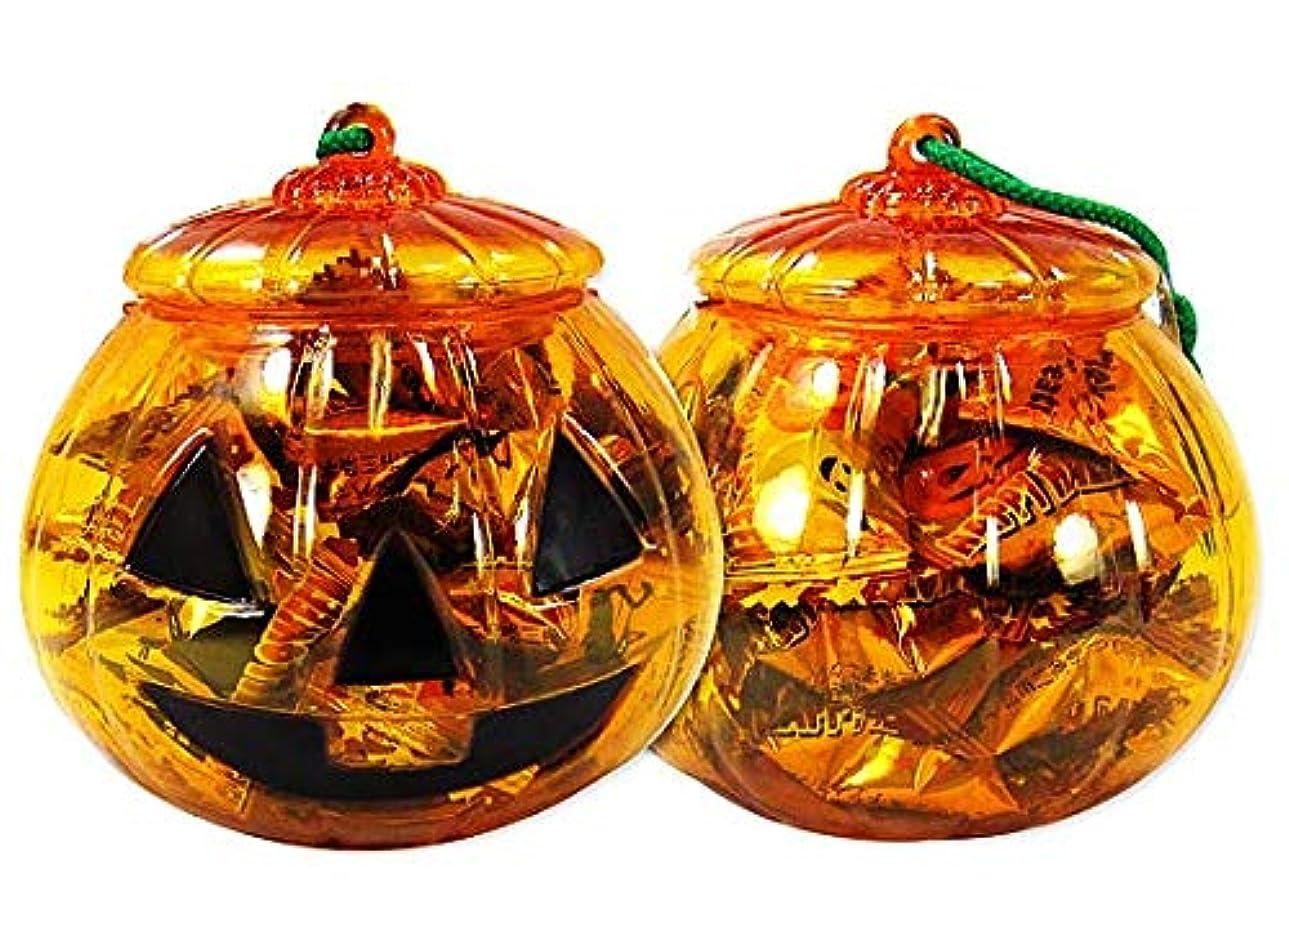 シャーロットブロンテお肉資金ハロウィン限定 アメハマ ハロウィンかぼちゃポット キャンディ 70g (1個売り) 飴 お菓子 詰め合わせ セット